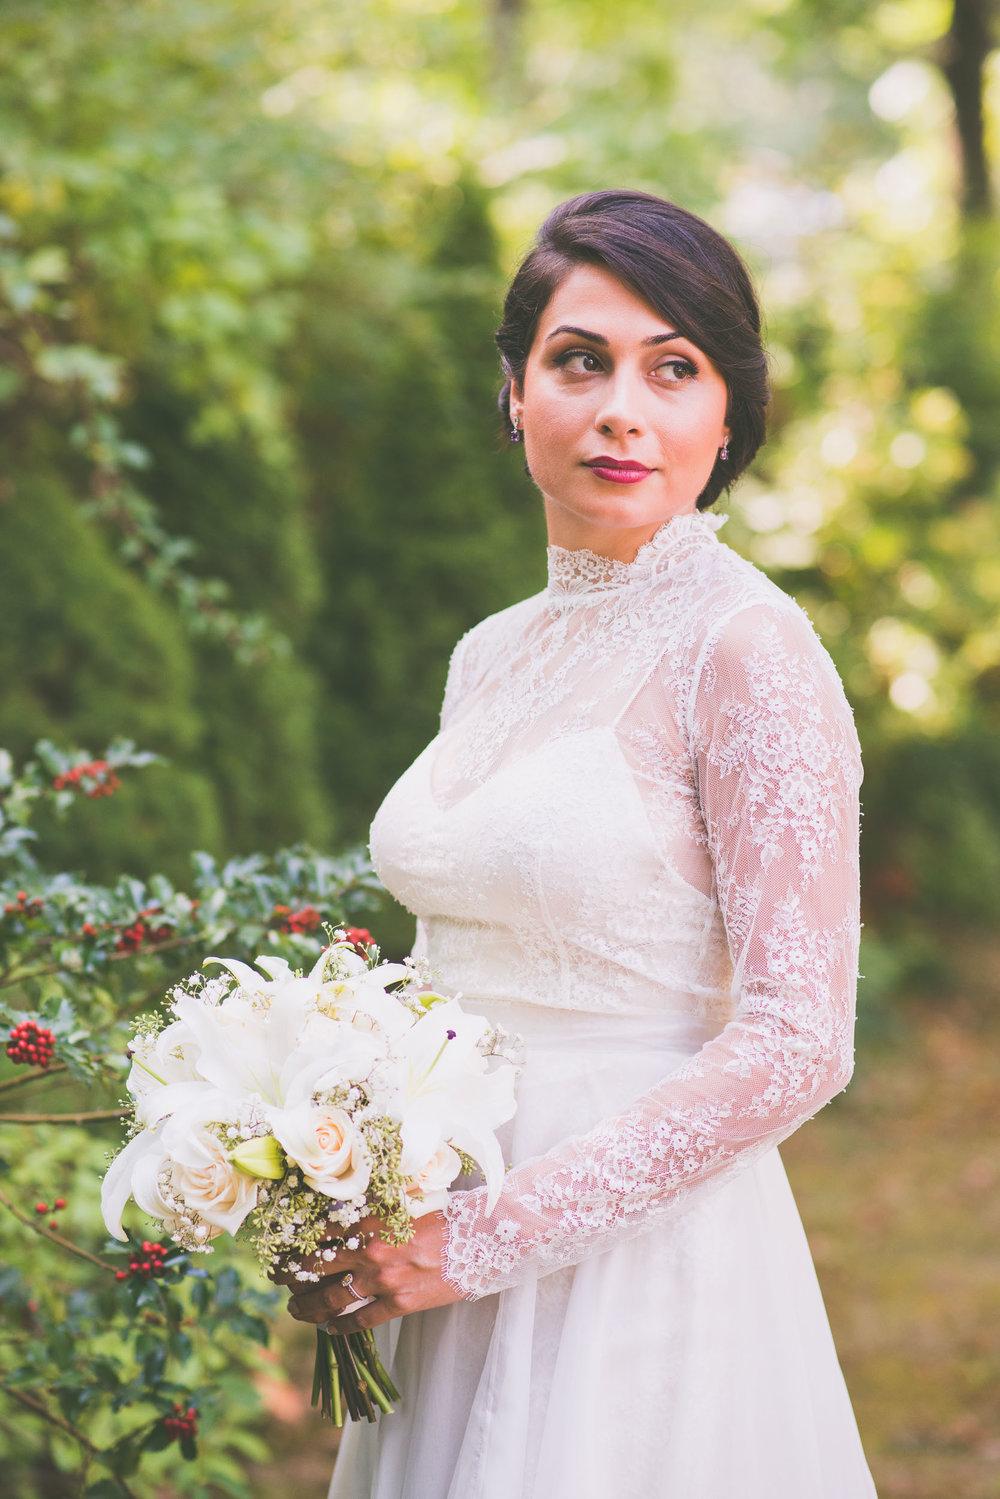 woman portrait - Weddings - Photo credit Nicola Bailey.jpg